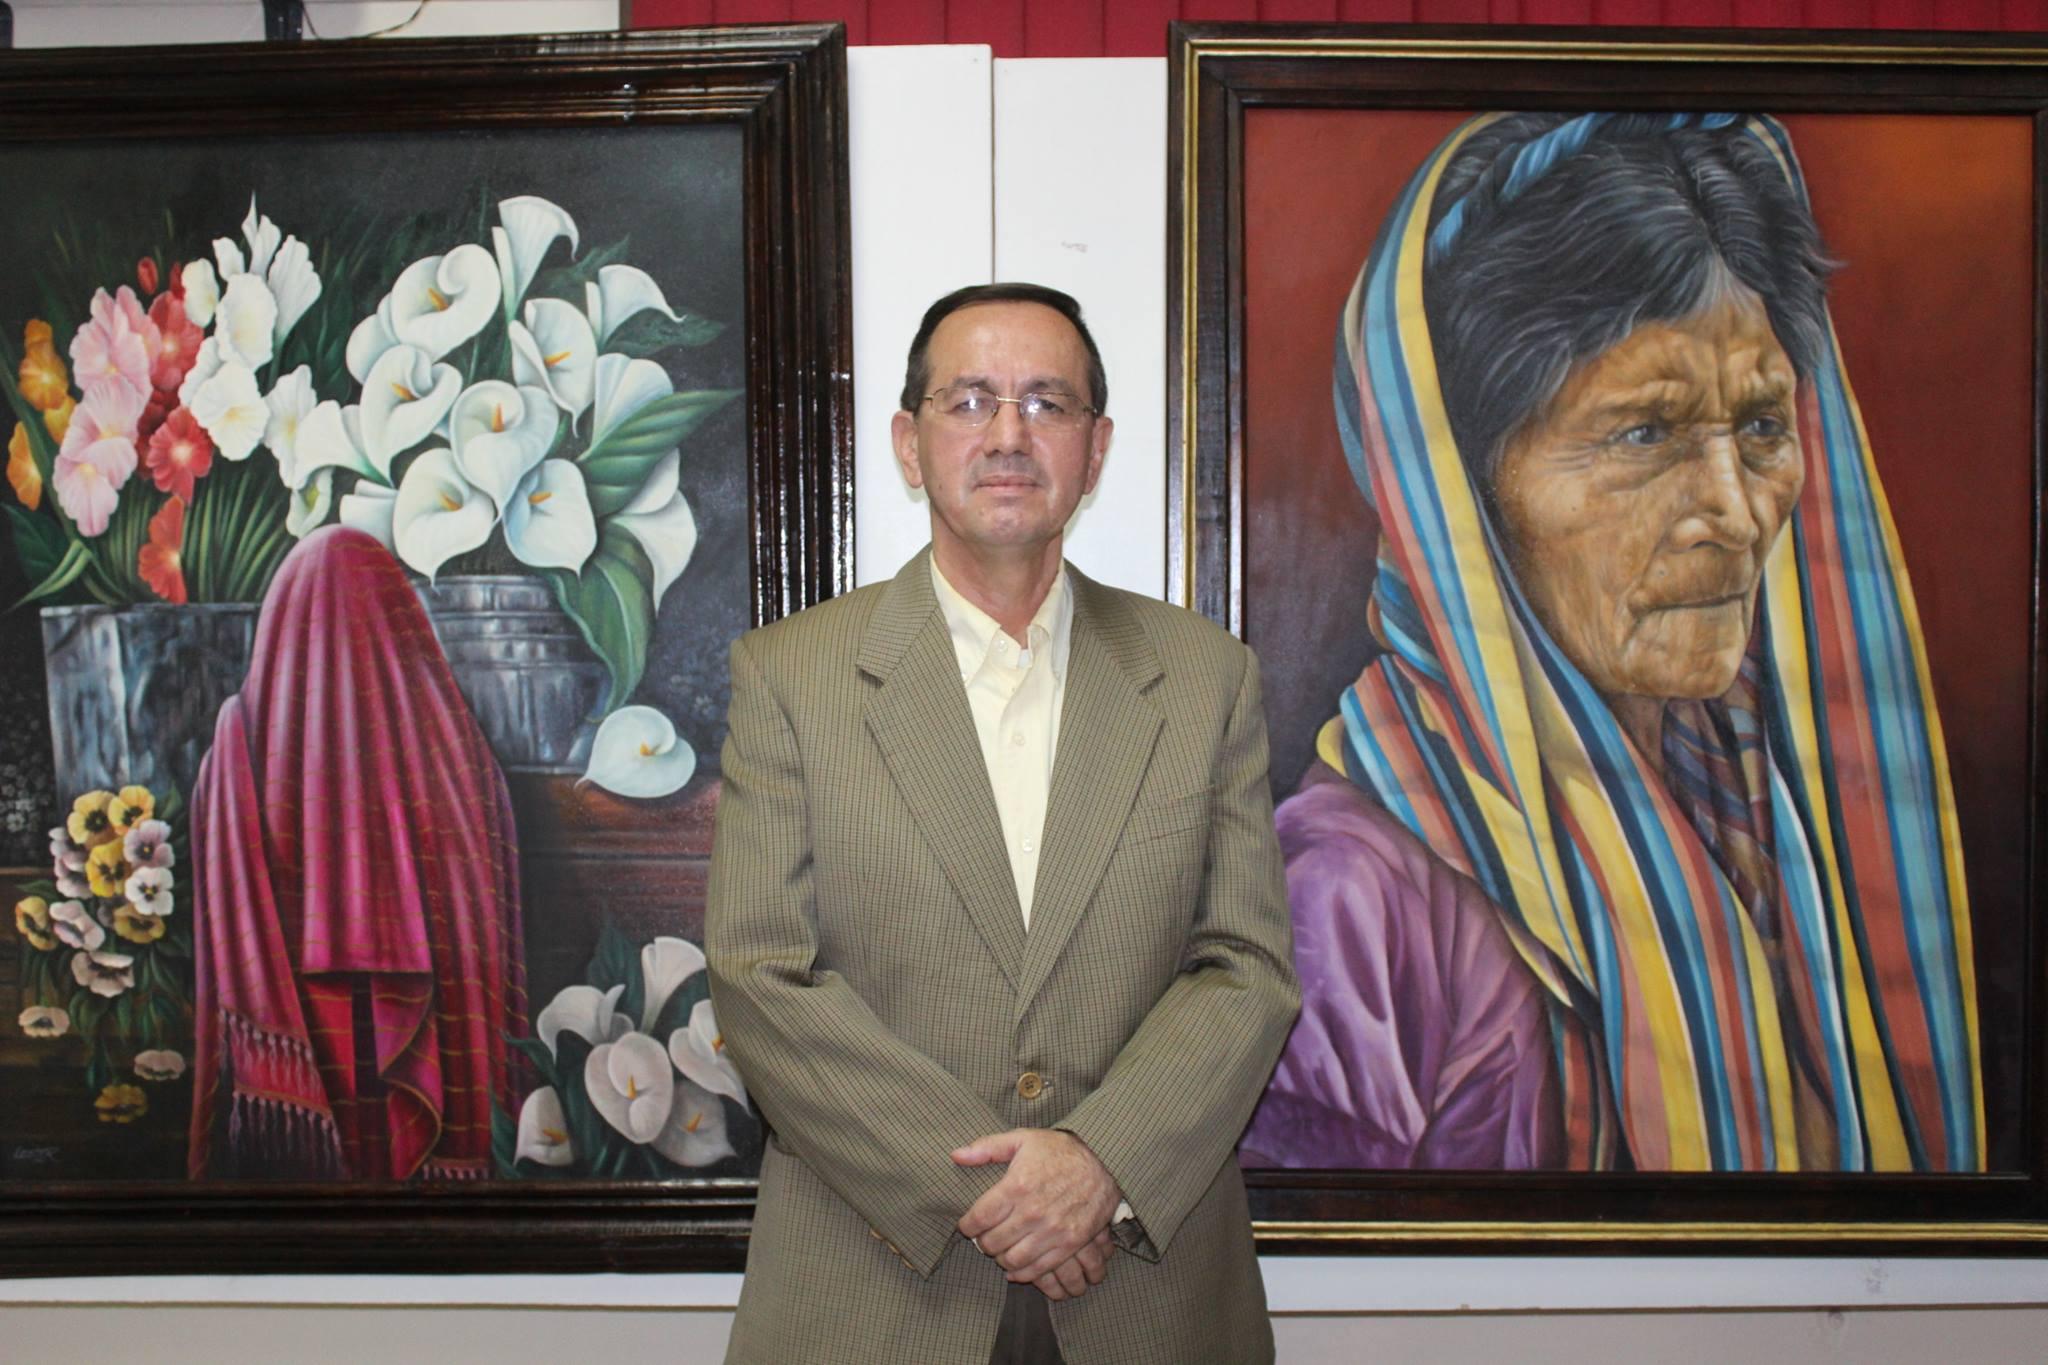 Rostros salvadoreños serán expuestos fuera de El Salvador